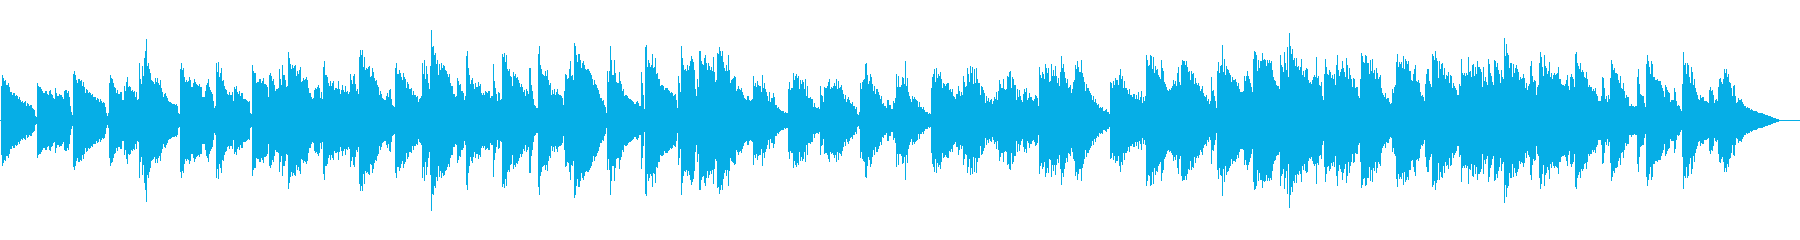 幻想的なボサノバの再生済みの波形